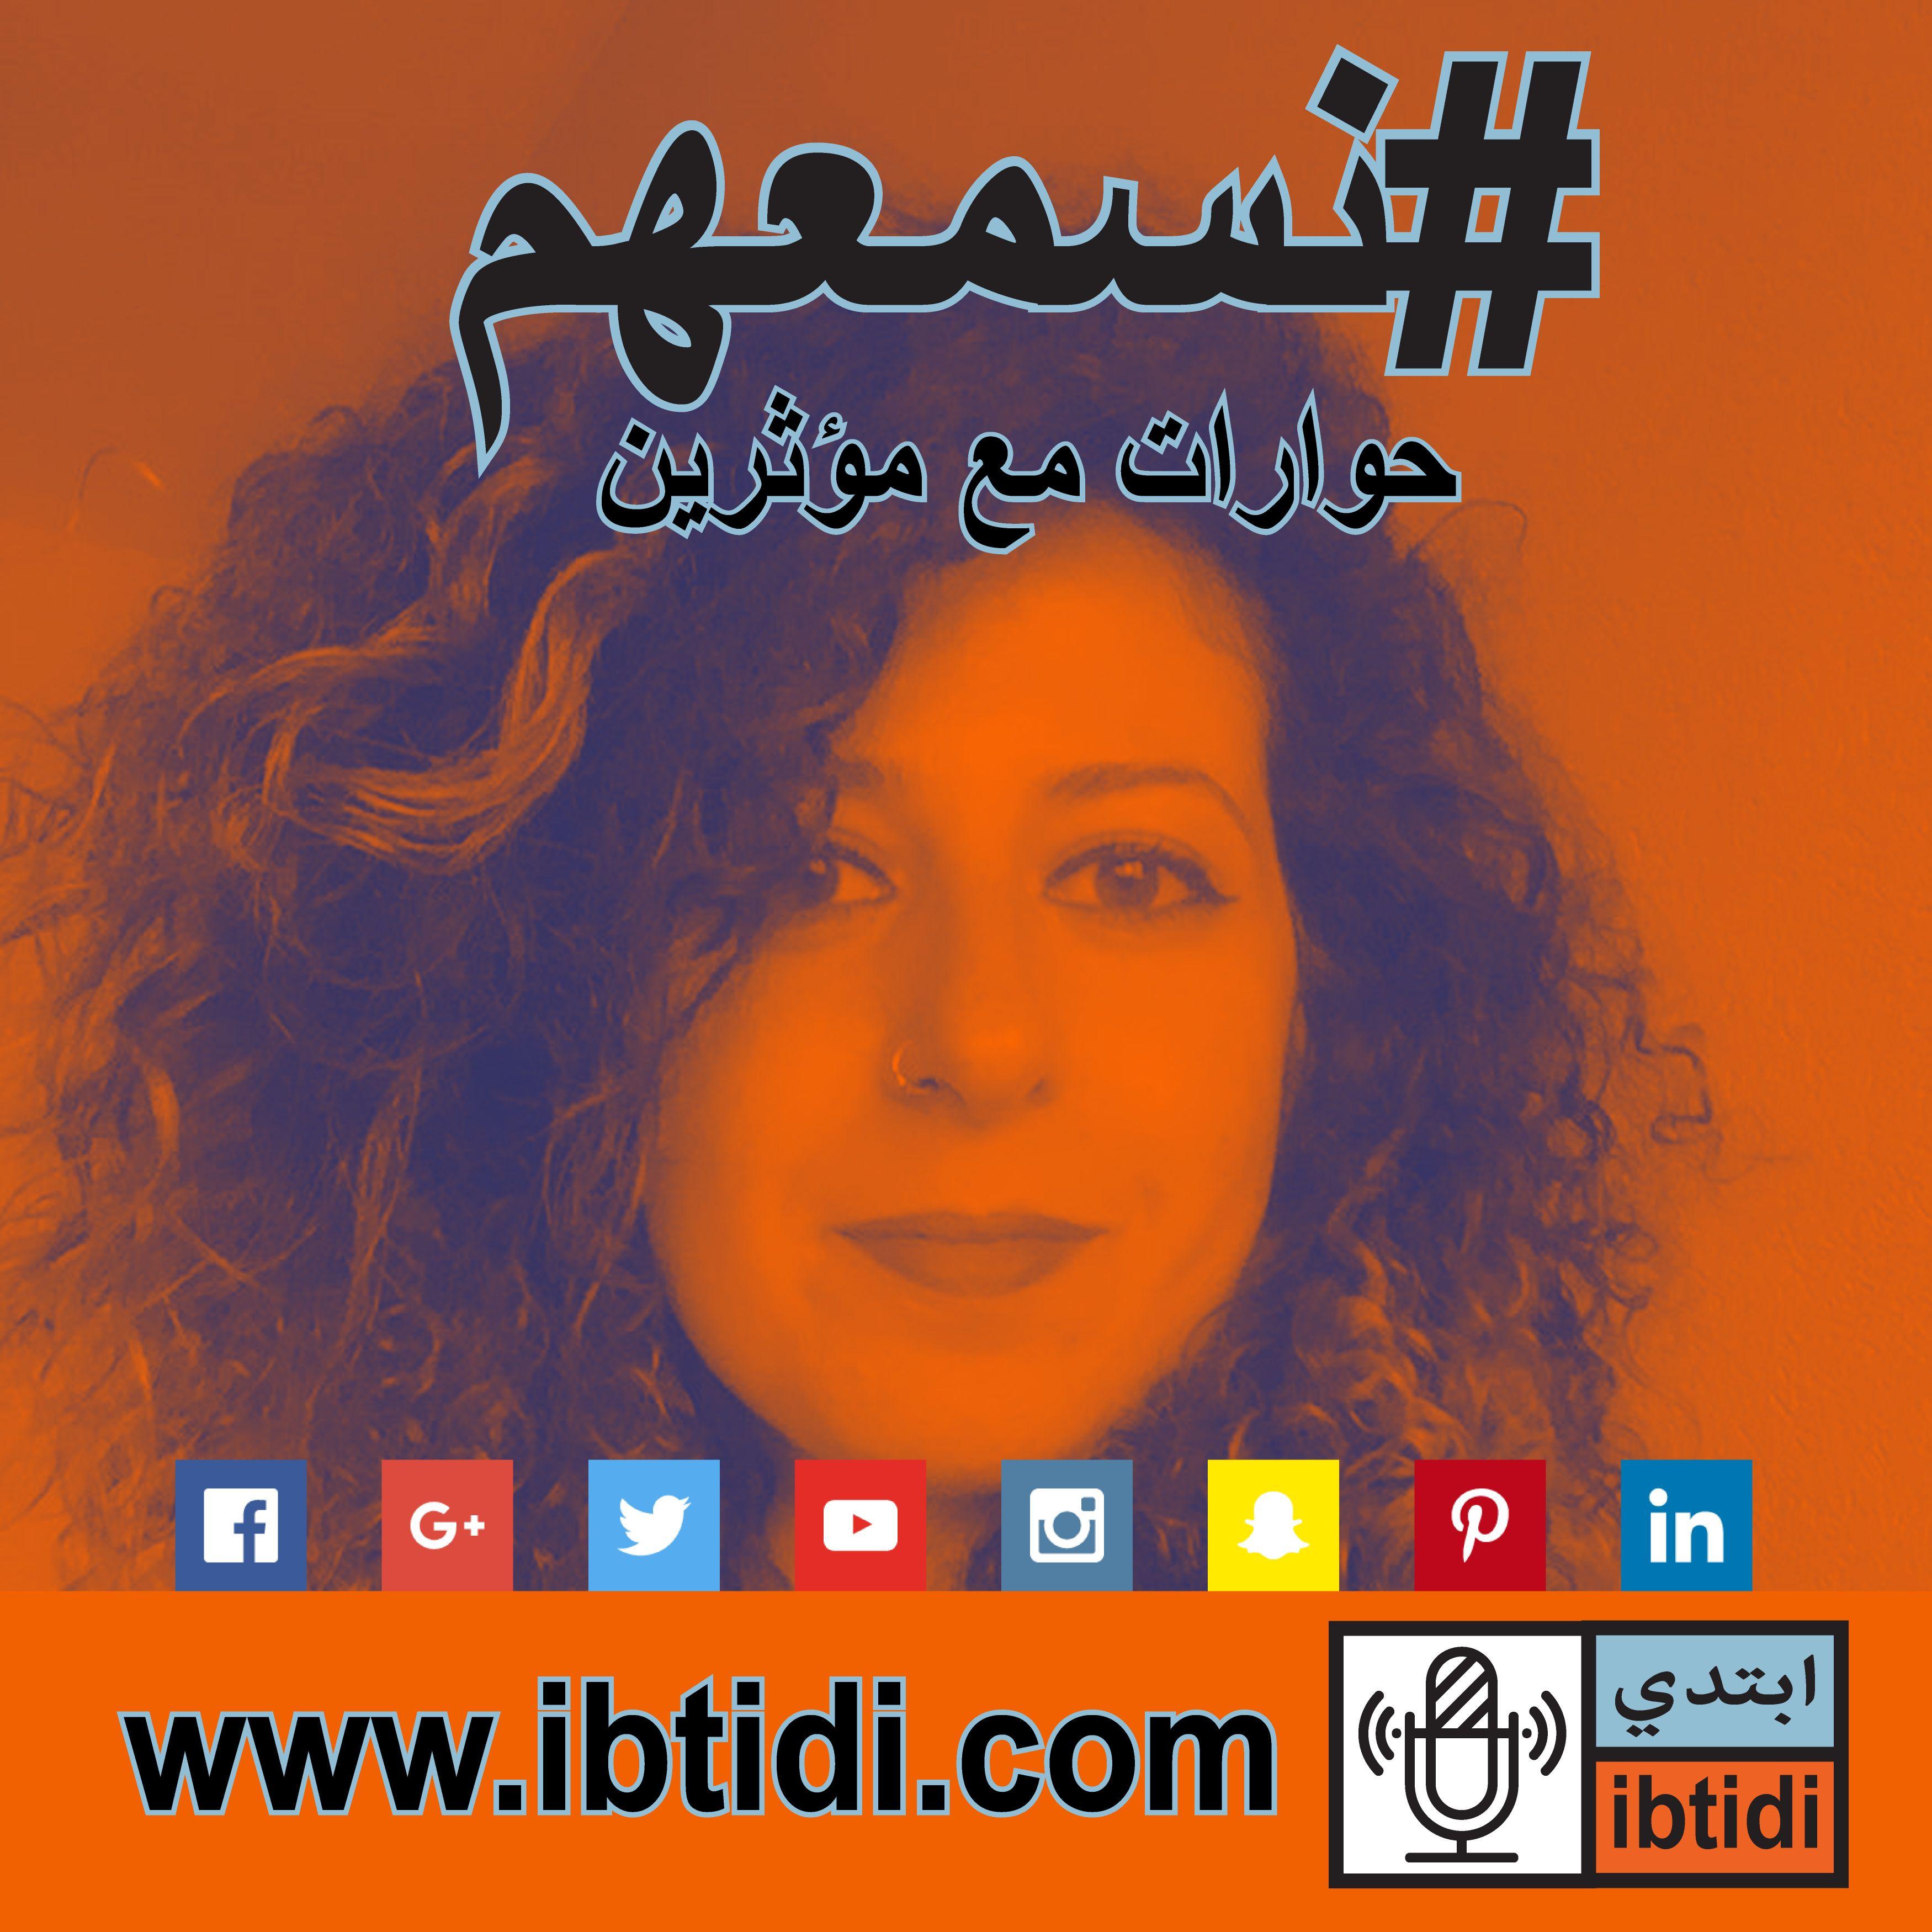 برنامج #نسمعهم - حلقة ٠٠٦- رشا حلوة - فلسطين من الداخل مقاومة و تفاؤل